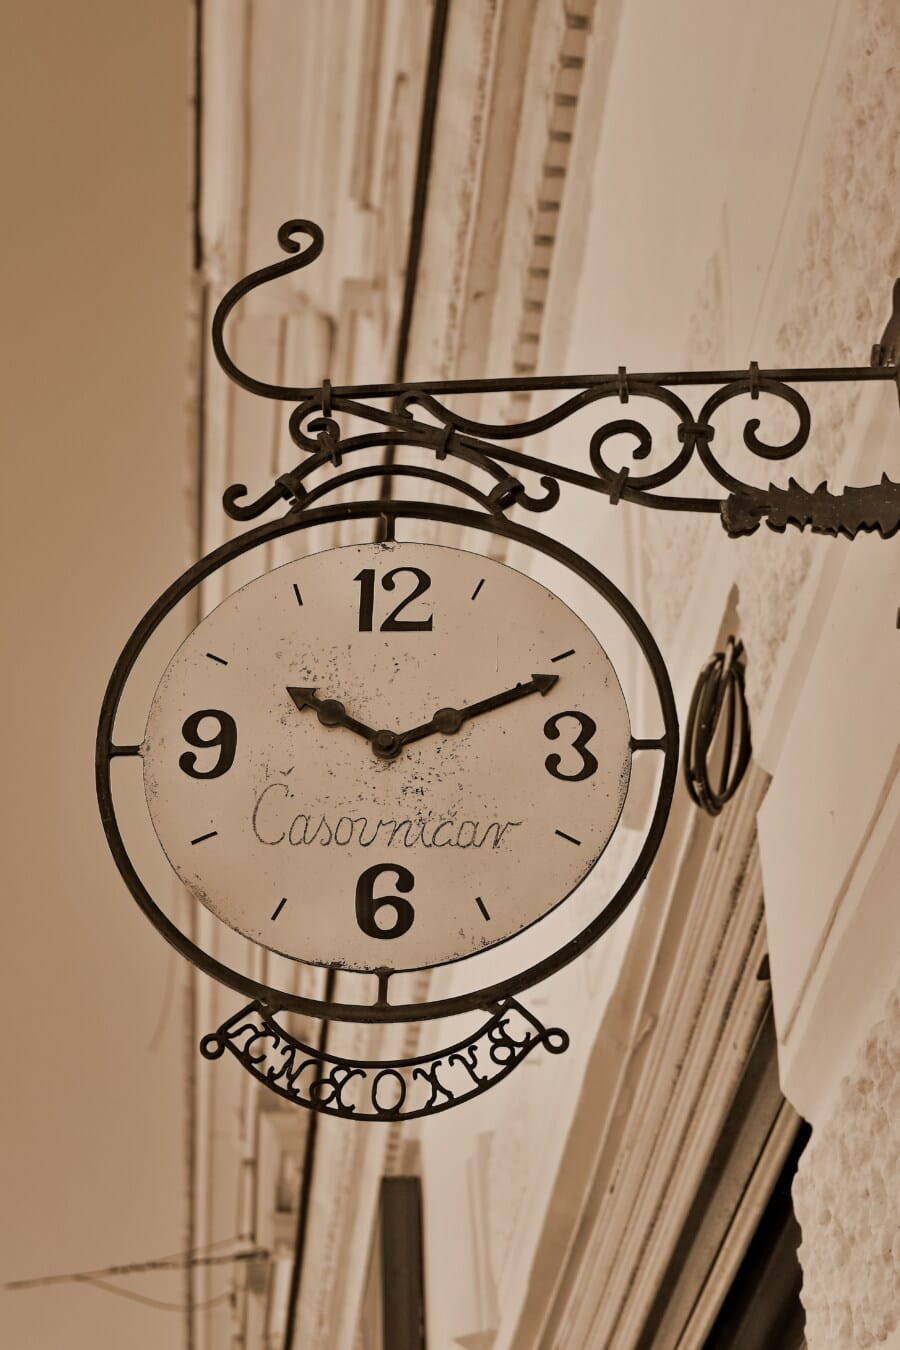 staromódní, analogové hodiny, zeď, předsazení, ulice, rozpad, ročník, historické, hodina, čas